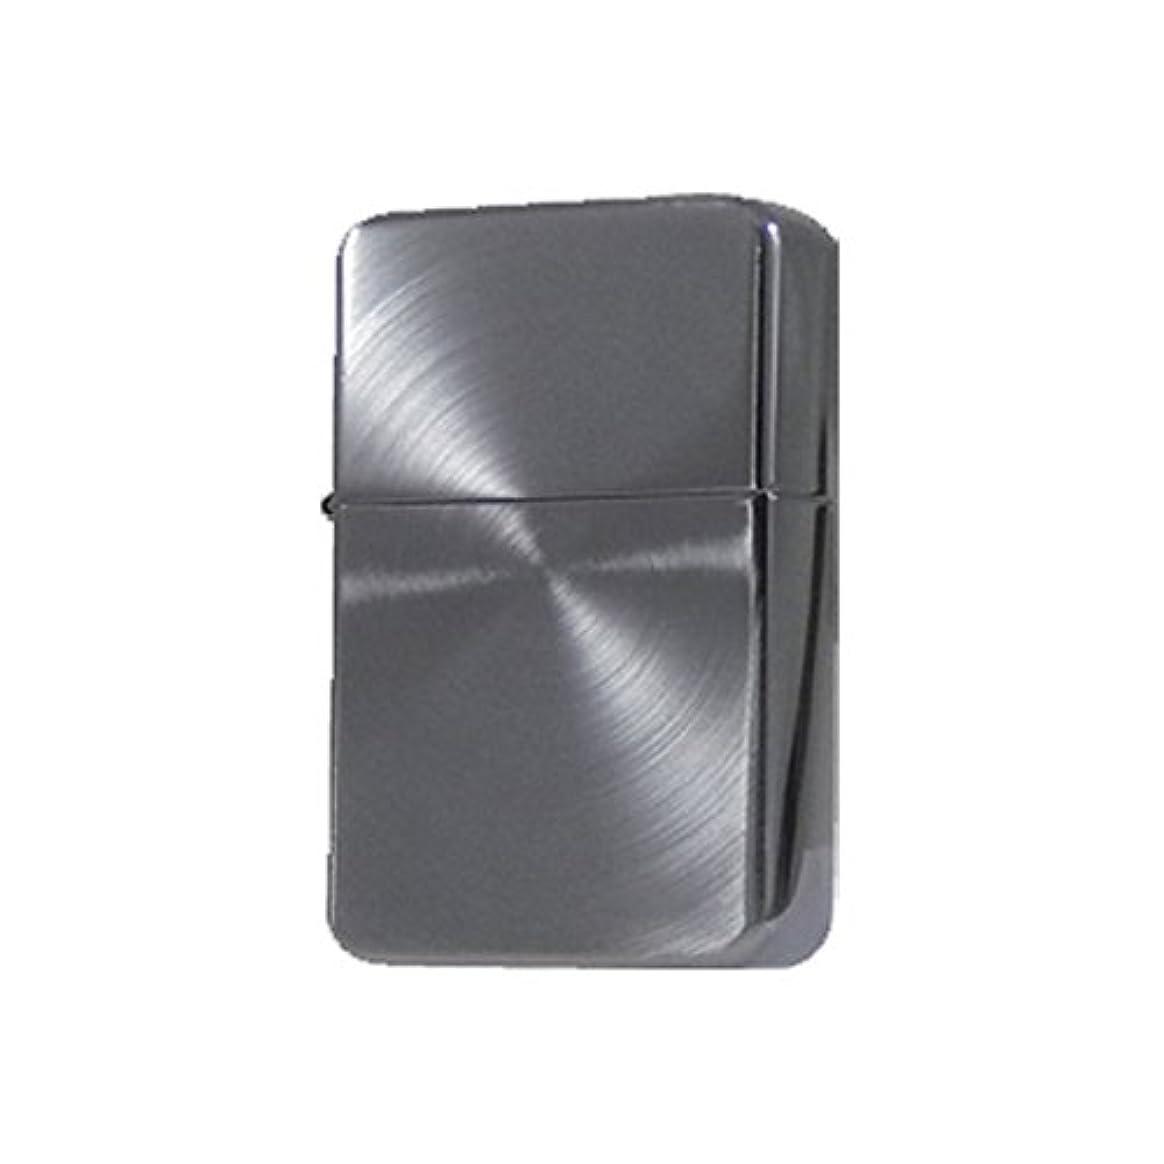 十年すすり泣き誇張するスパイラ バッテリーライター ブラックスピン メンズ SPIRA-404BN-SPIN